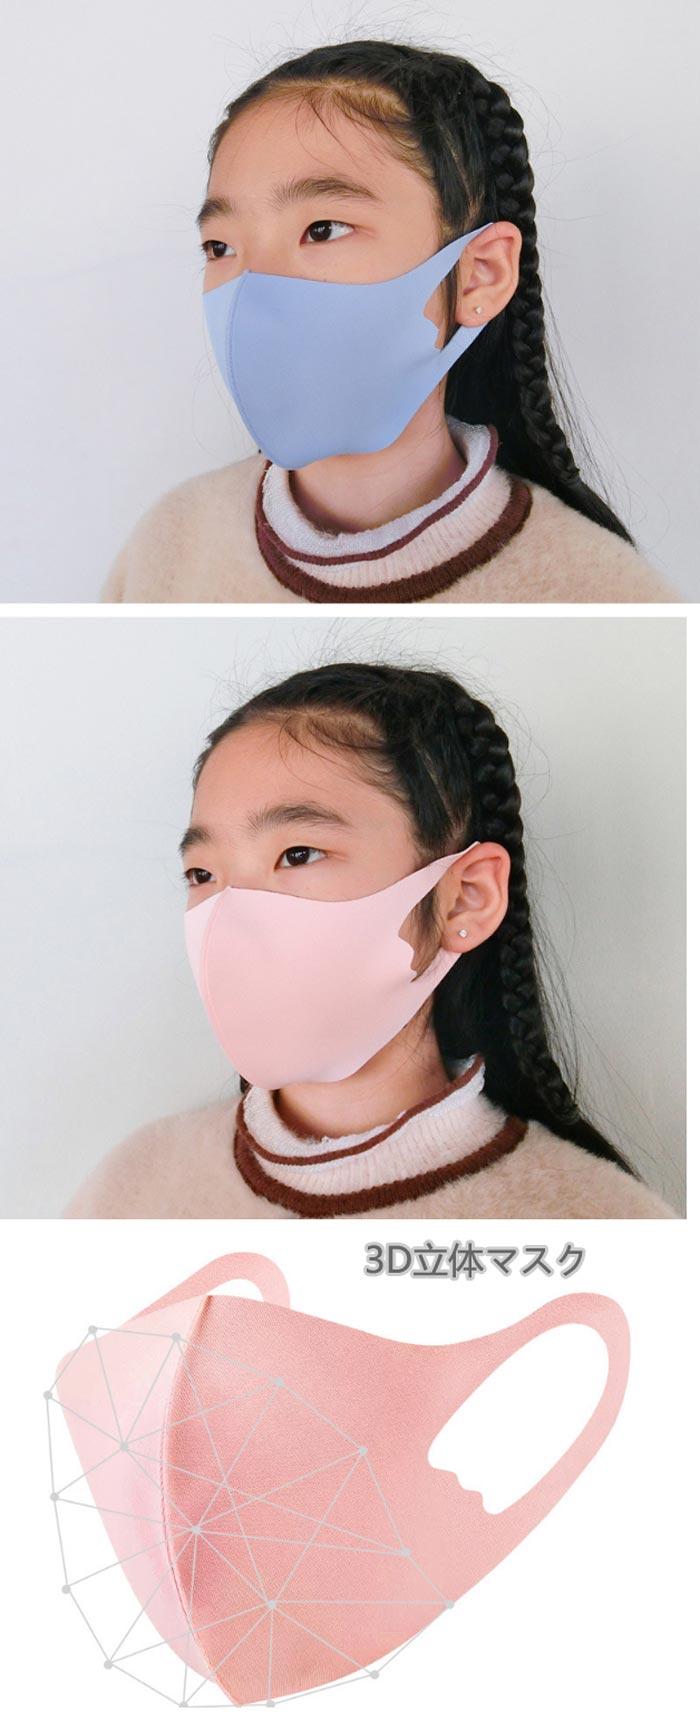 COLORSKY 子供用アイスシルクコットンマスク 3D立体マスク